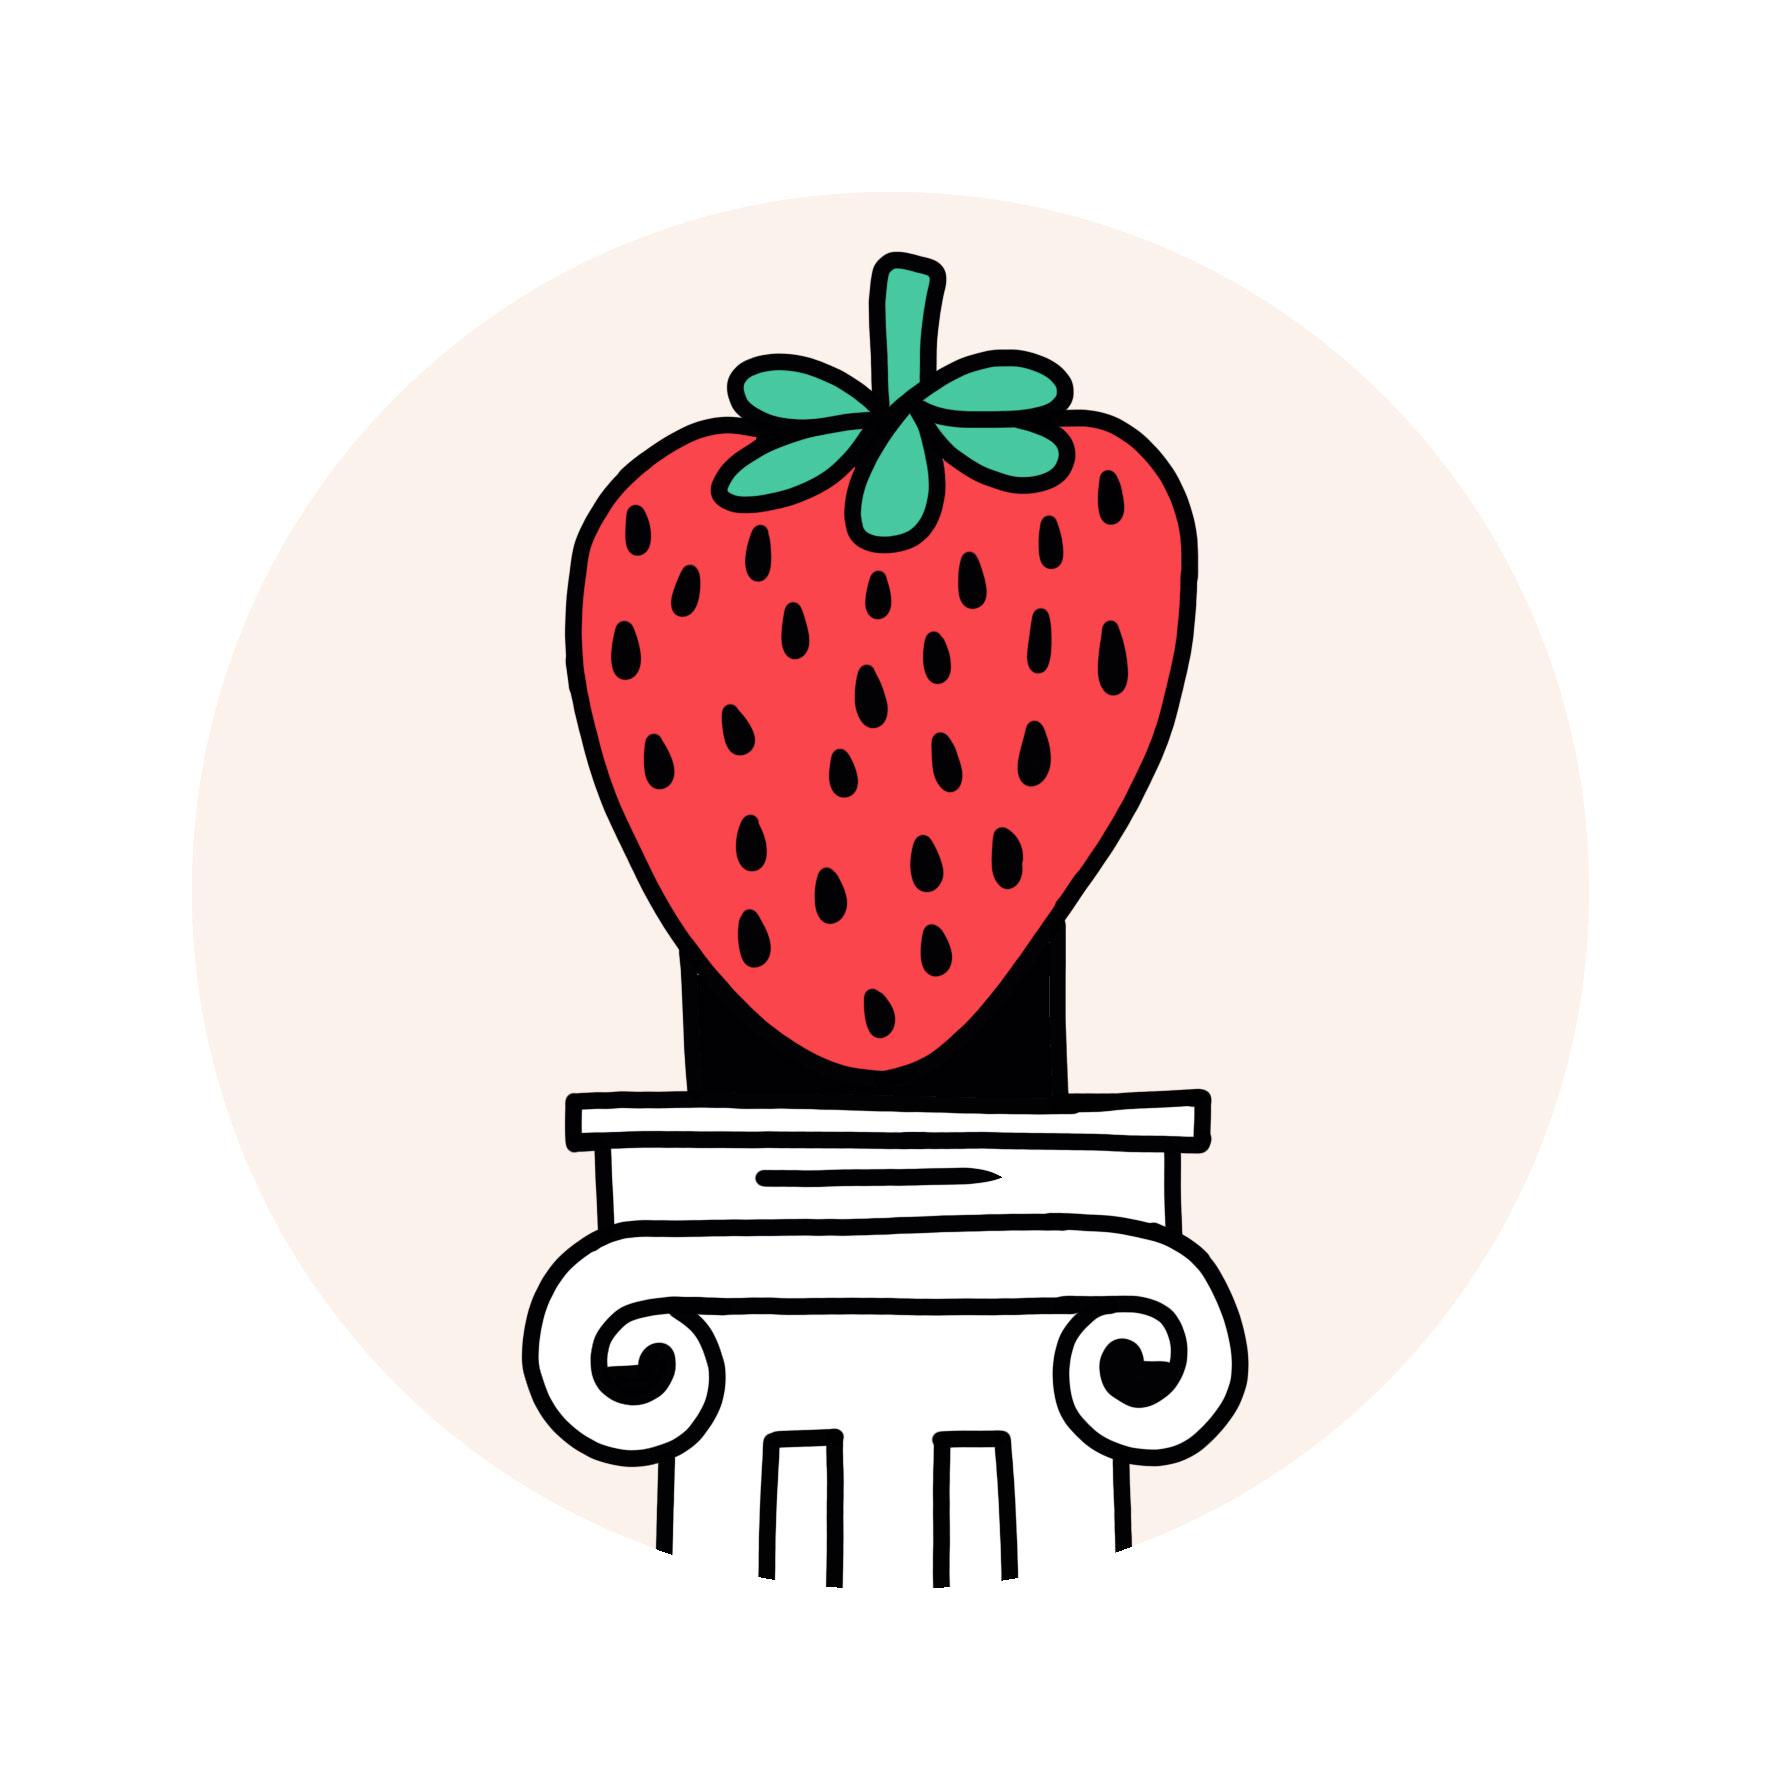 Oishii Strawberry illustration